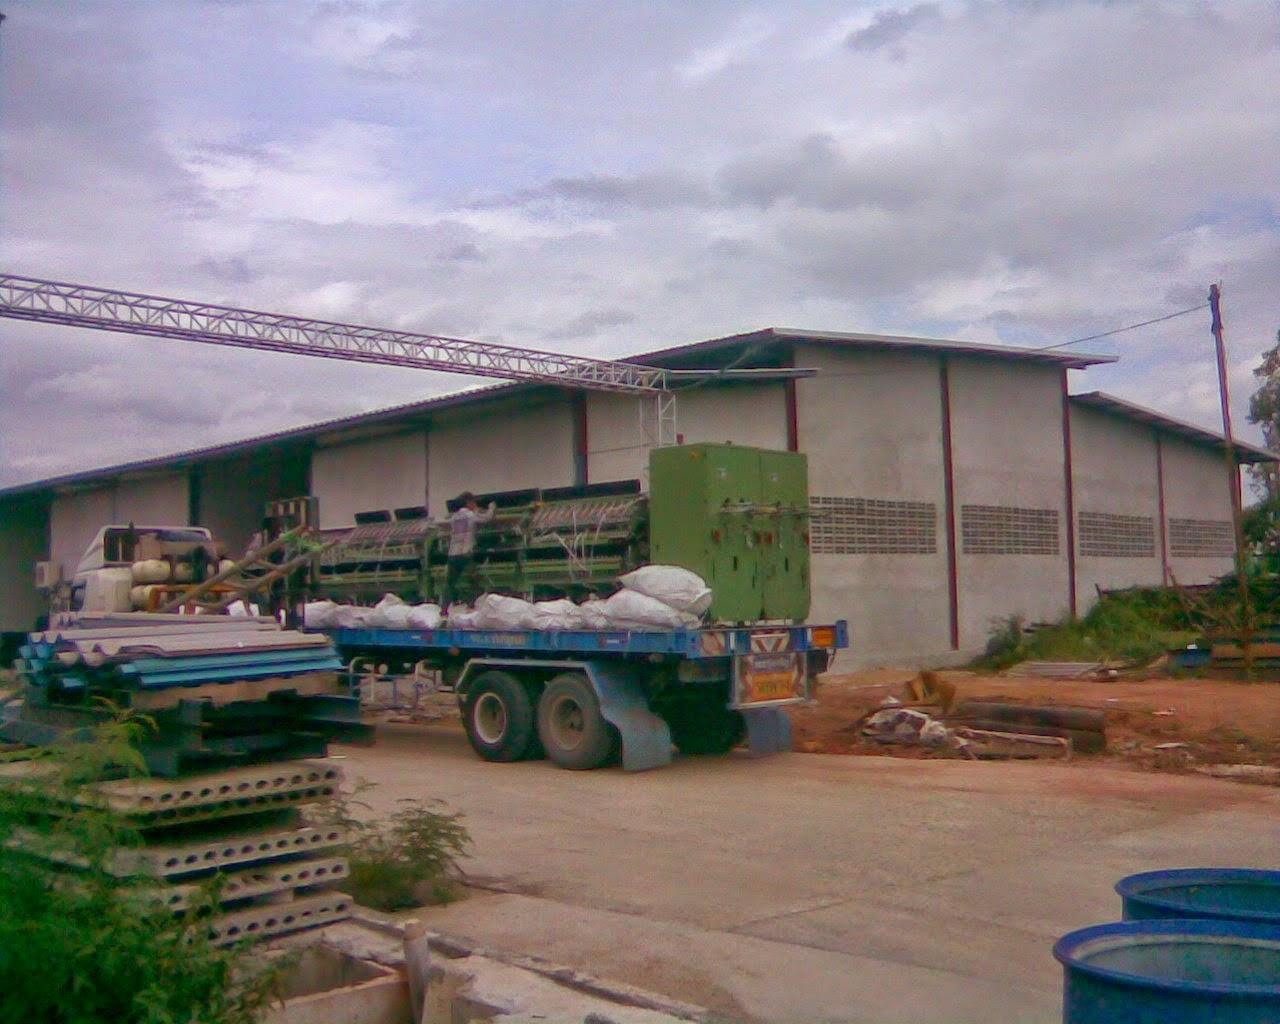 NEW!! Constructionบริการคุณภาพงานเหมา โรงงาน อุตสาหกรรม  โรงแรม หมู่บ้าน ทาวน์เฮ้าส์ นิคมอุตสาหกรรม